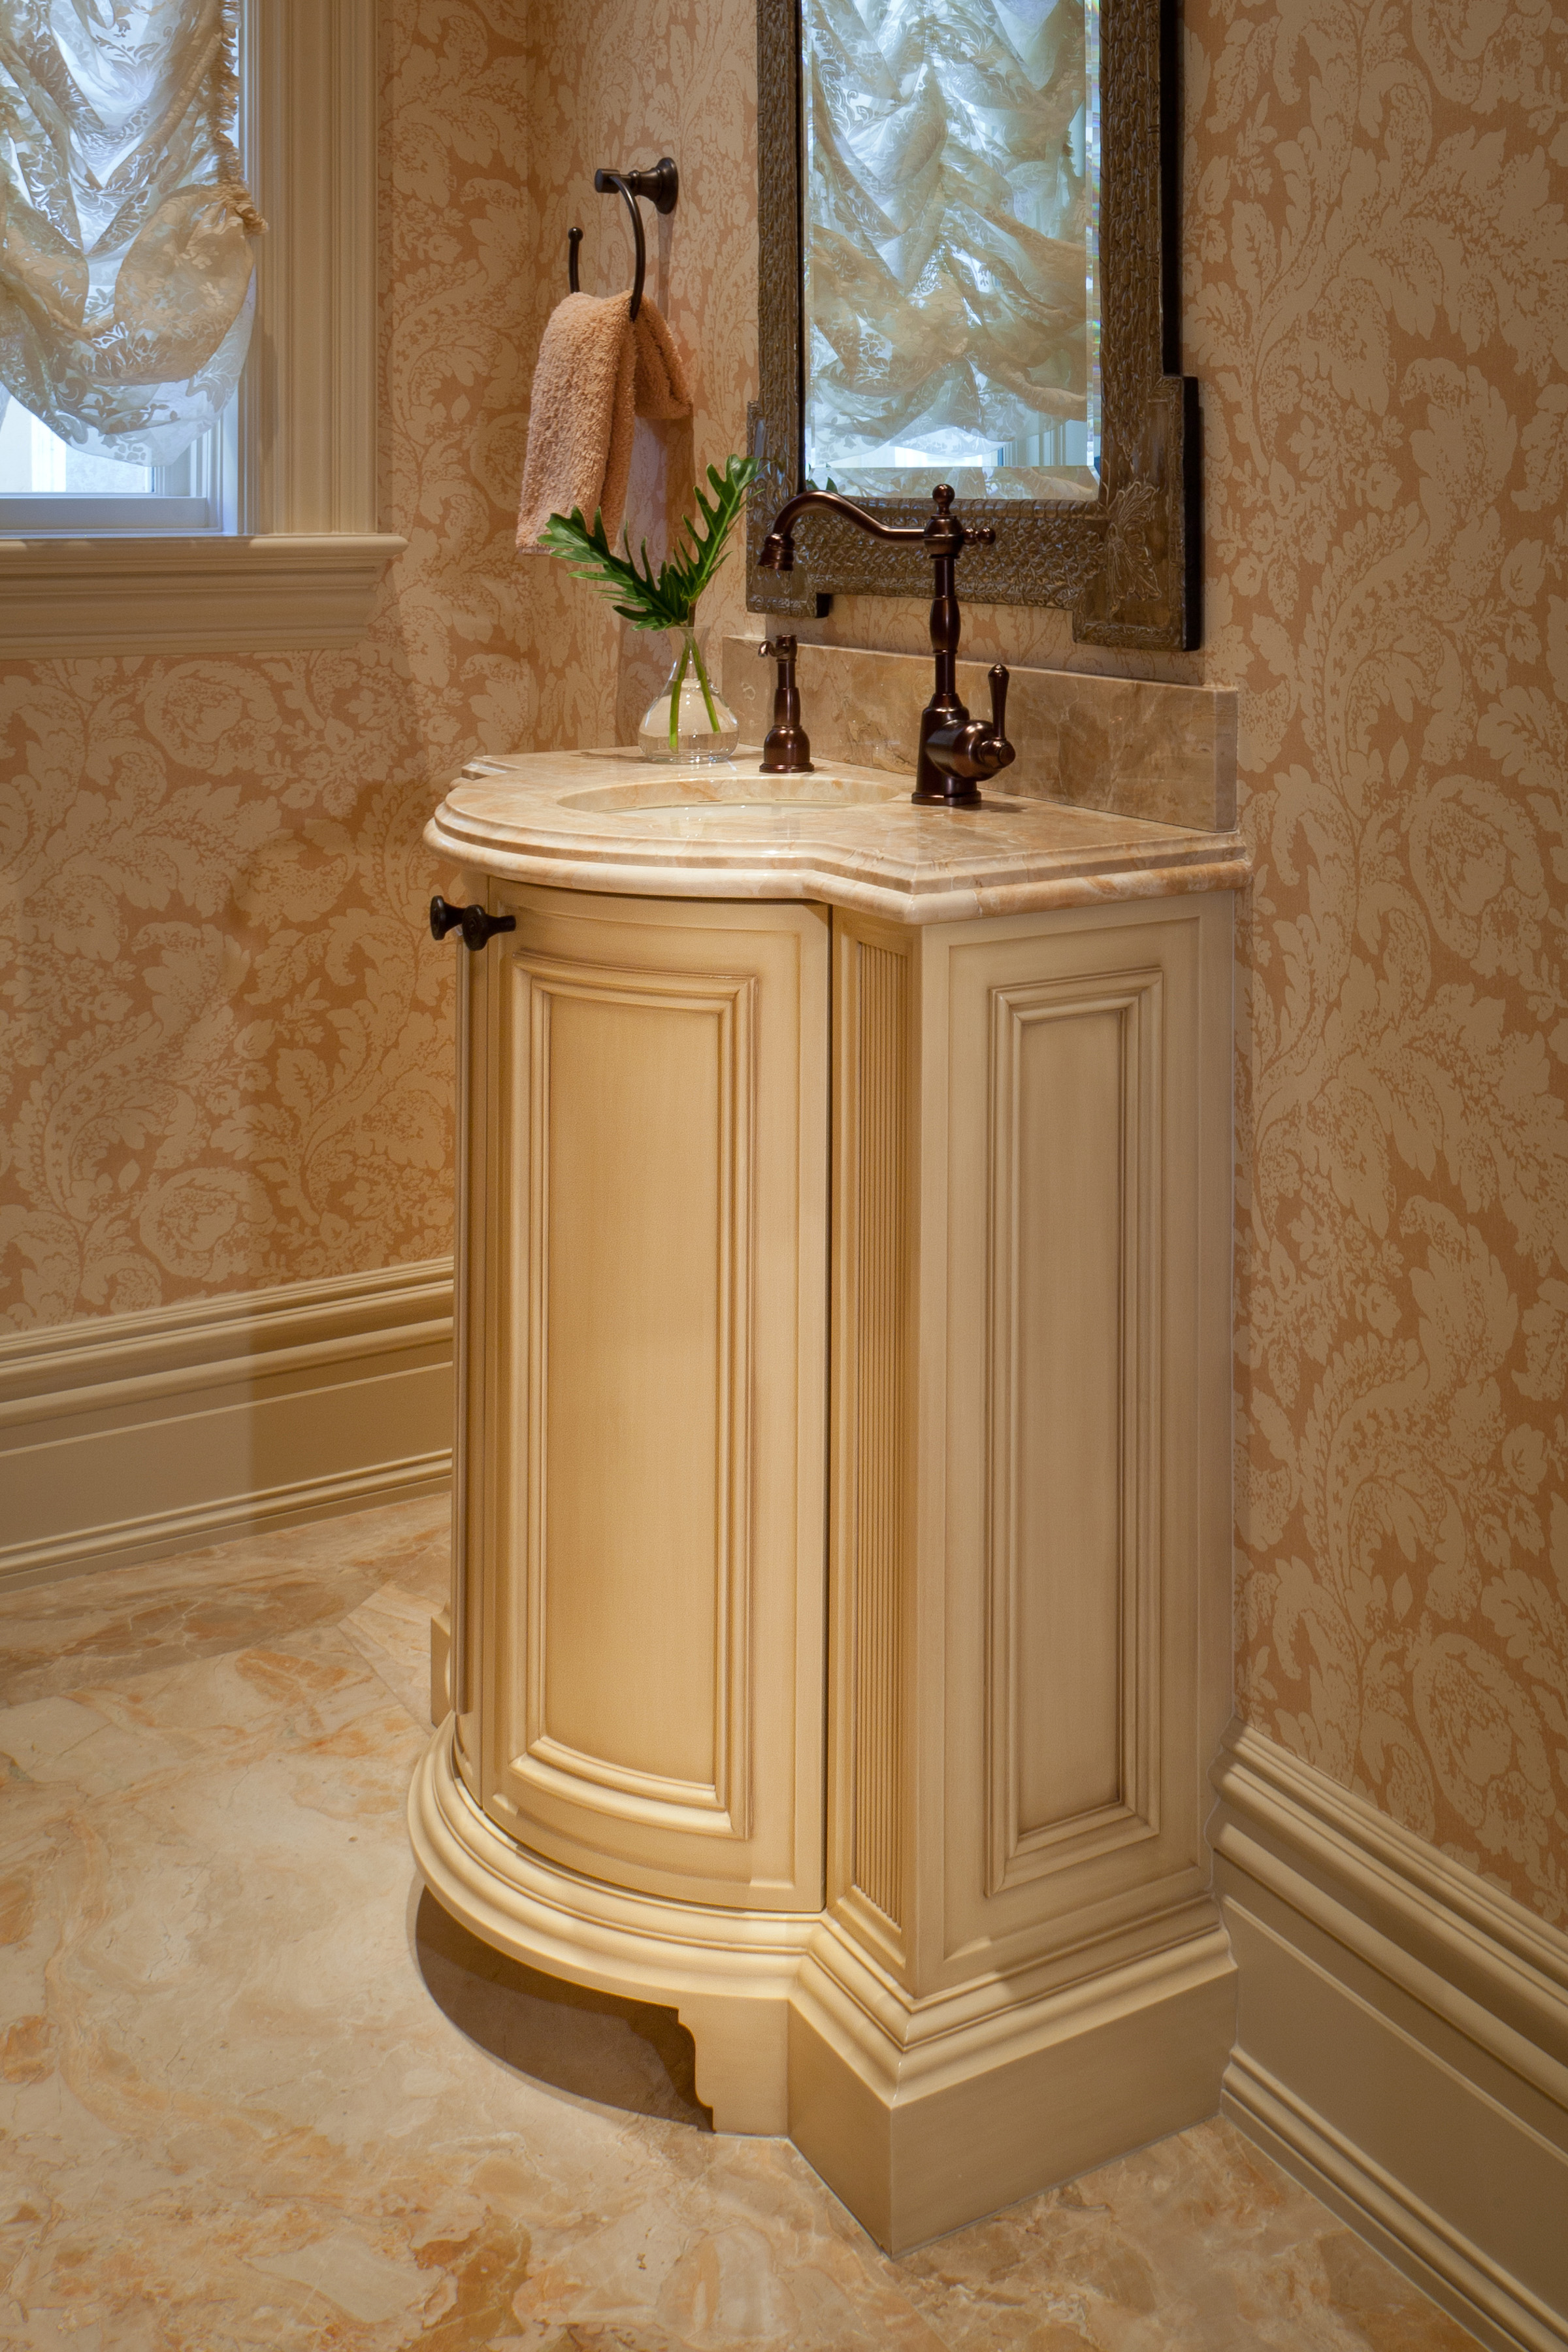 20_Bathroom Vanity.jpg